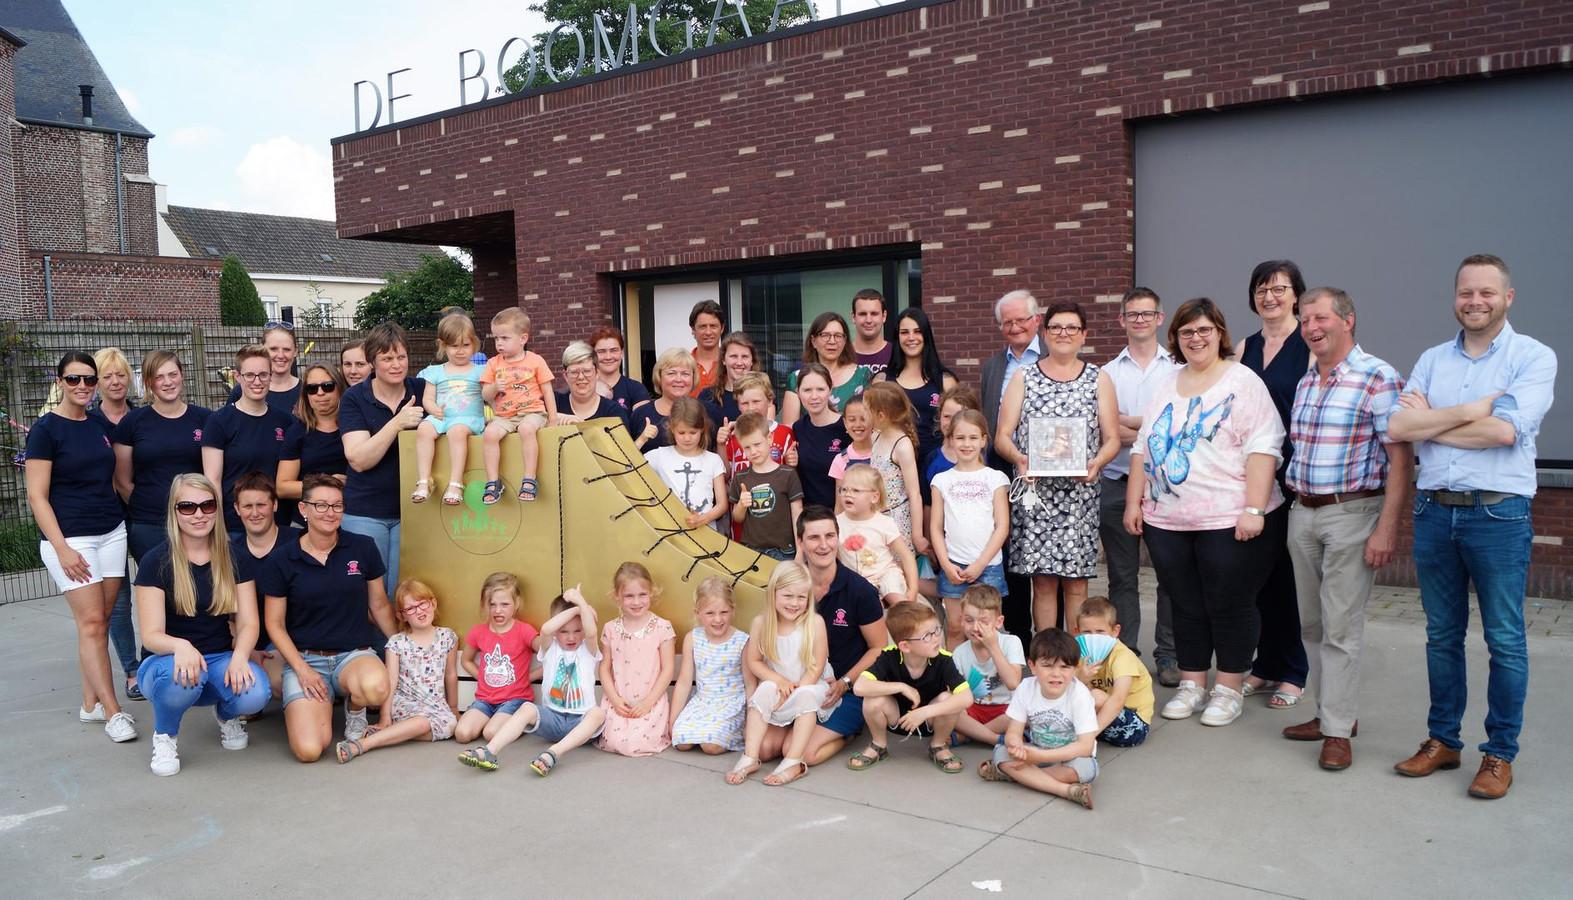 De medewerkers, ouders en kinderen van kinderopvang De Boomgaard bij de reuzenkinderschoen.